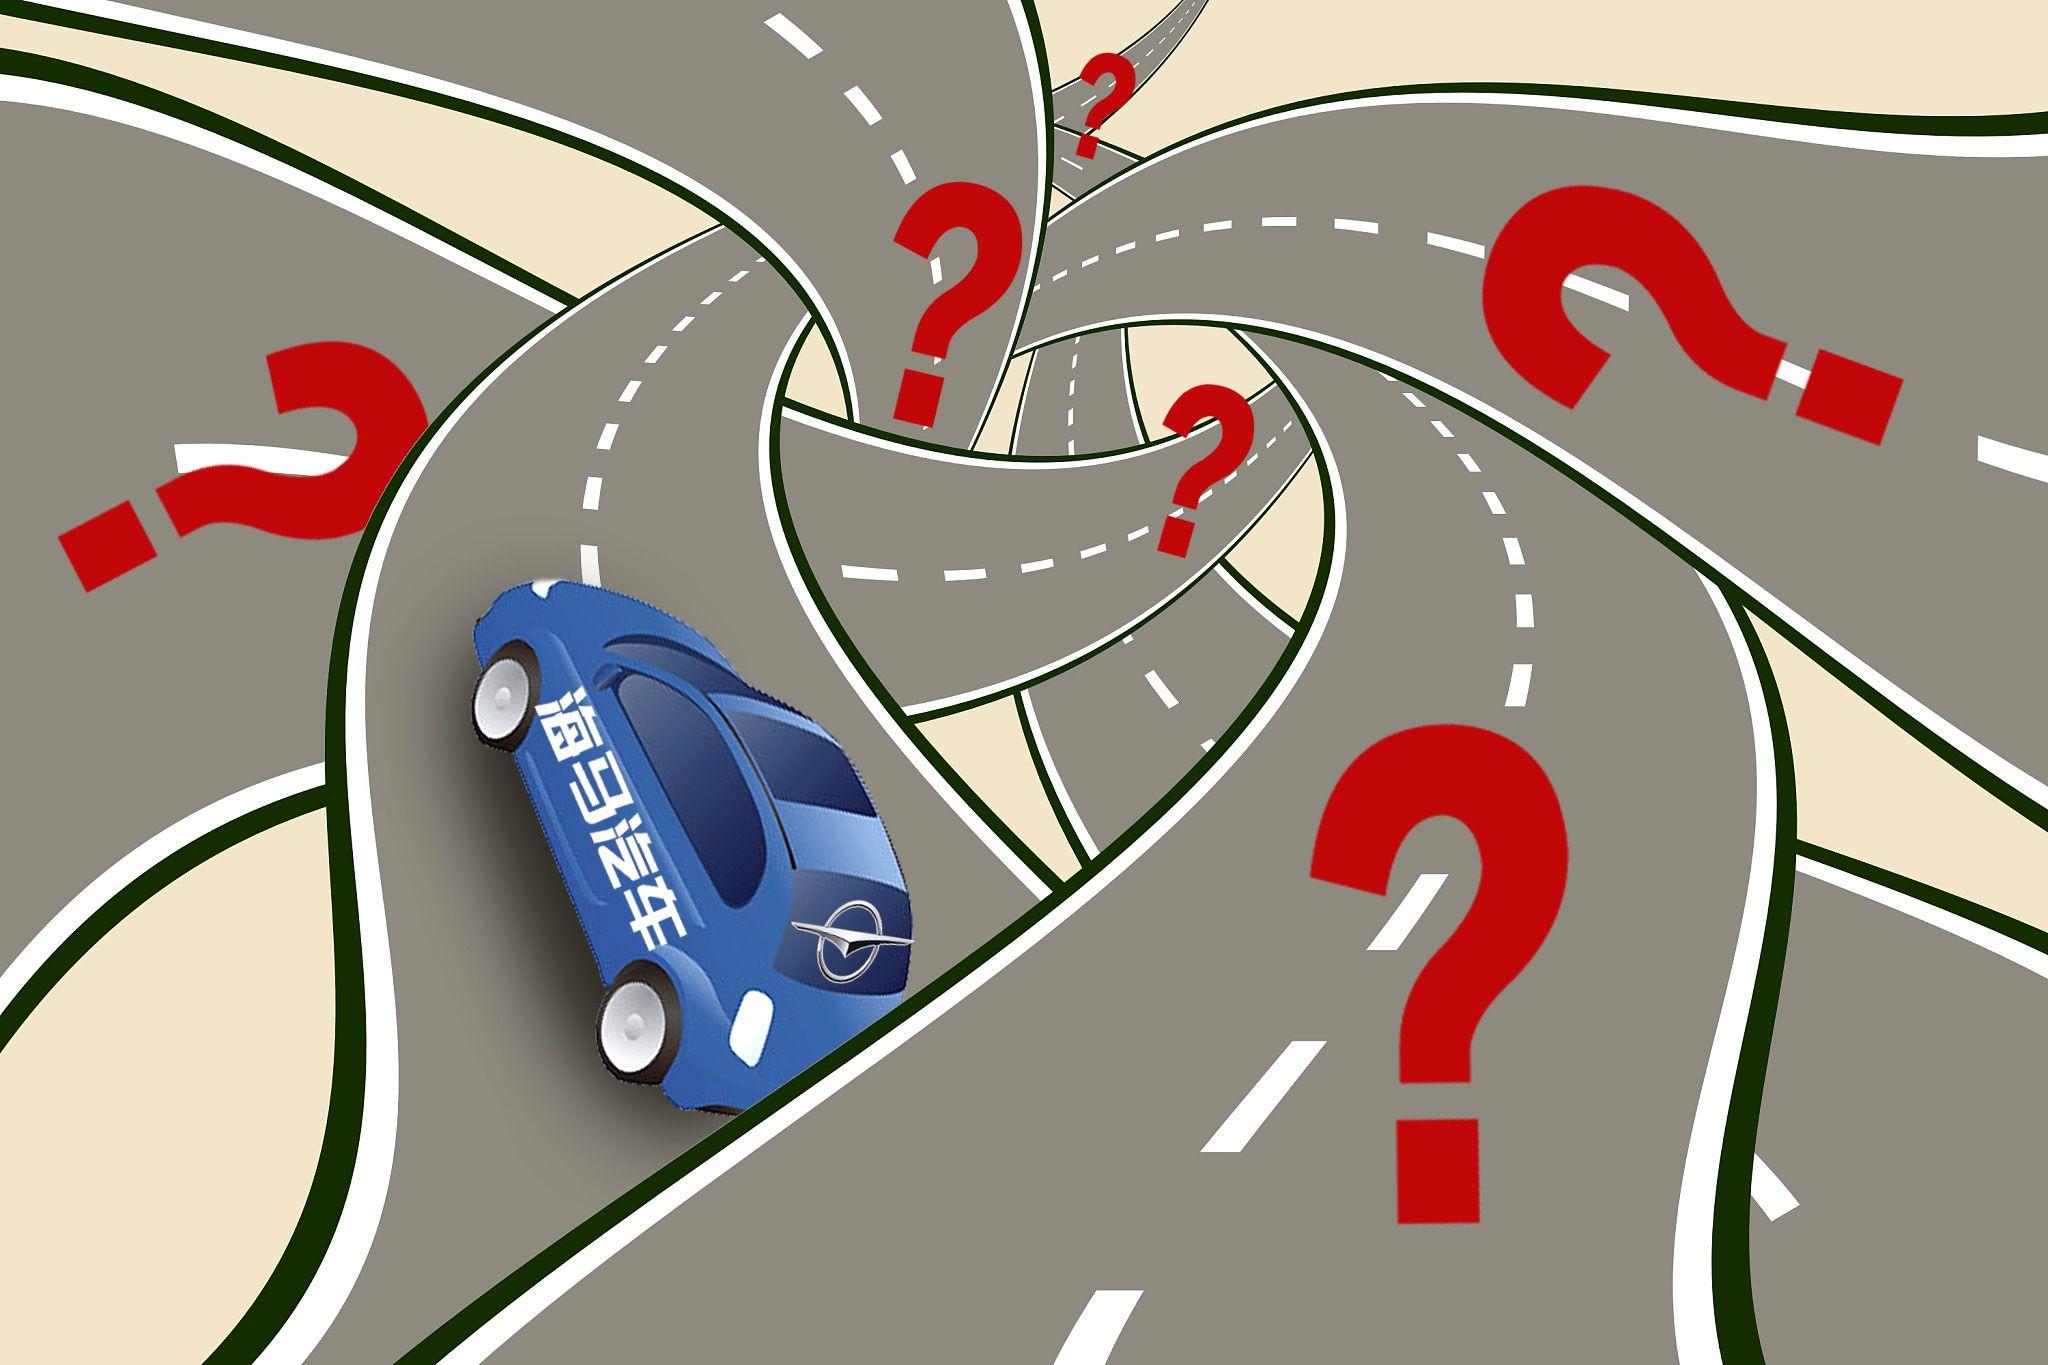 虧損擴大汽車業務遇瓶頸,海馬路在何方?_銷量